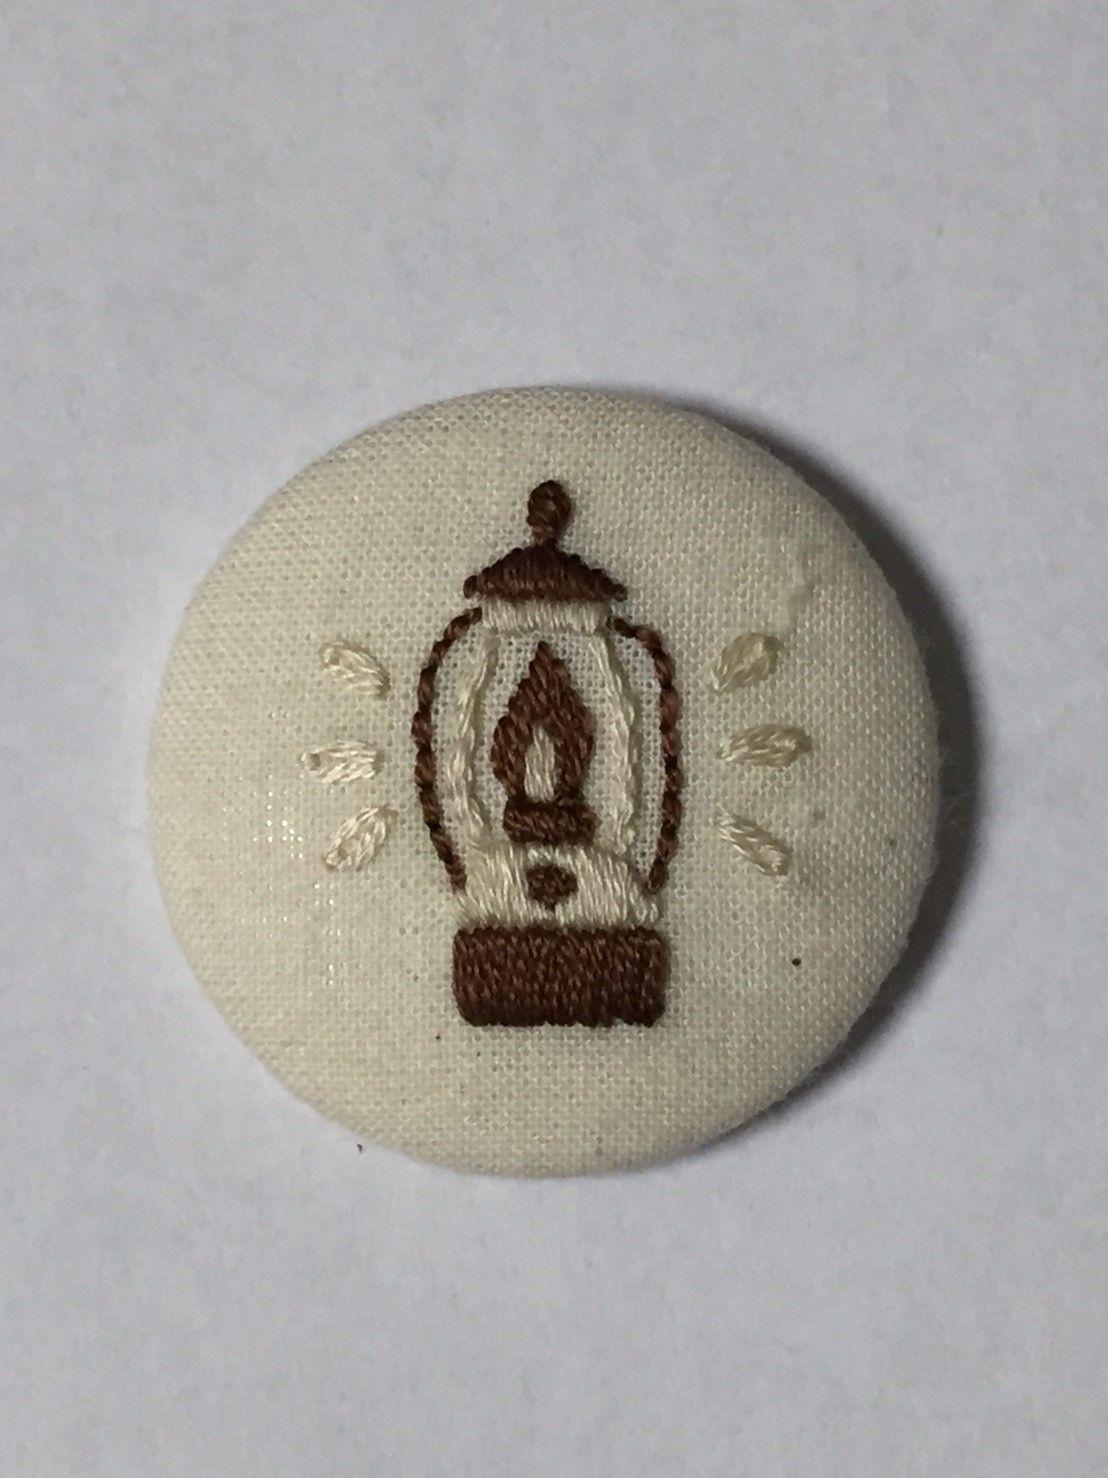 手作り刺繍ランタンのバッジ(ブラウン・ベージュ)No.015